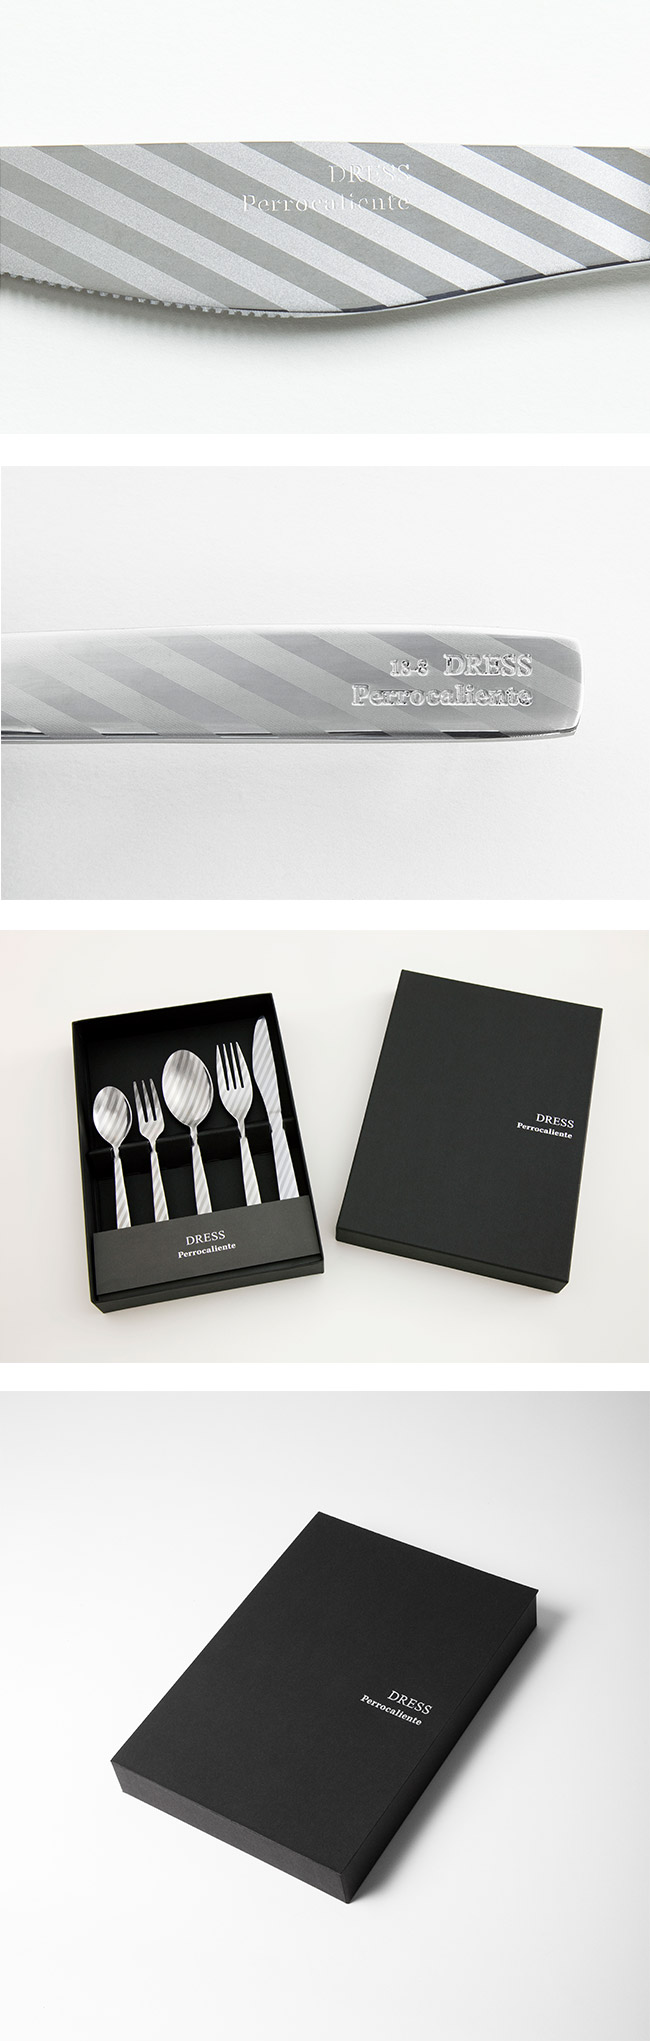 Perrocaliente Dress Gift Set 銀色盒裝餐具組 兩對組 條紋 (湯匙*2+叉子*2)